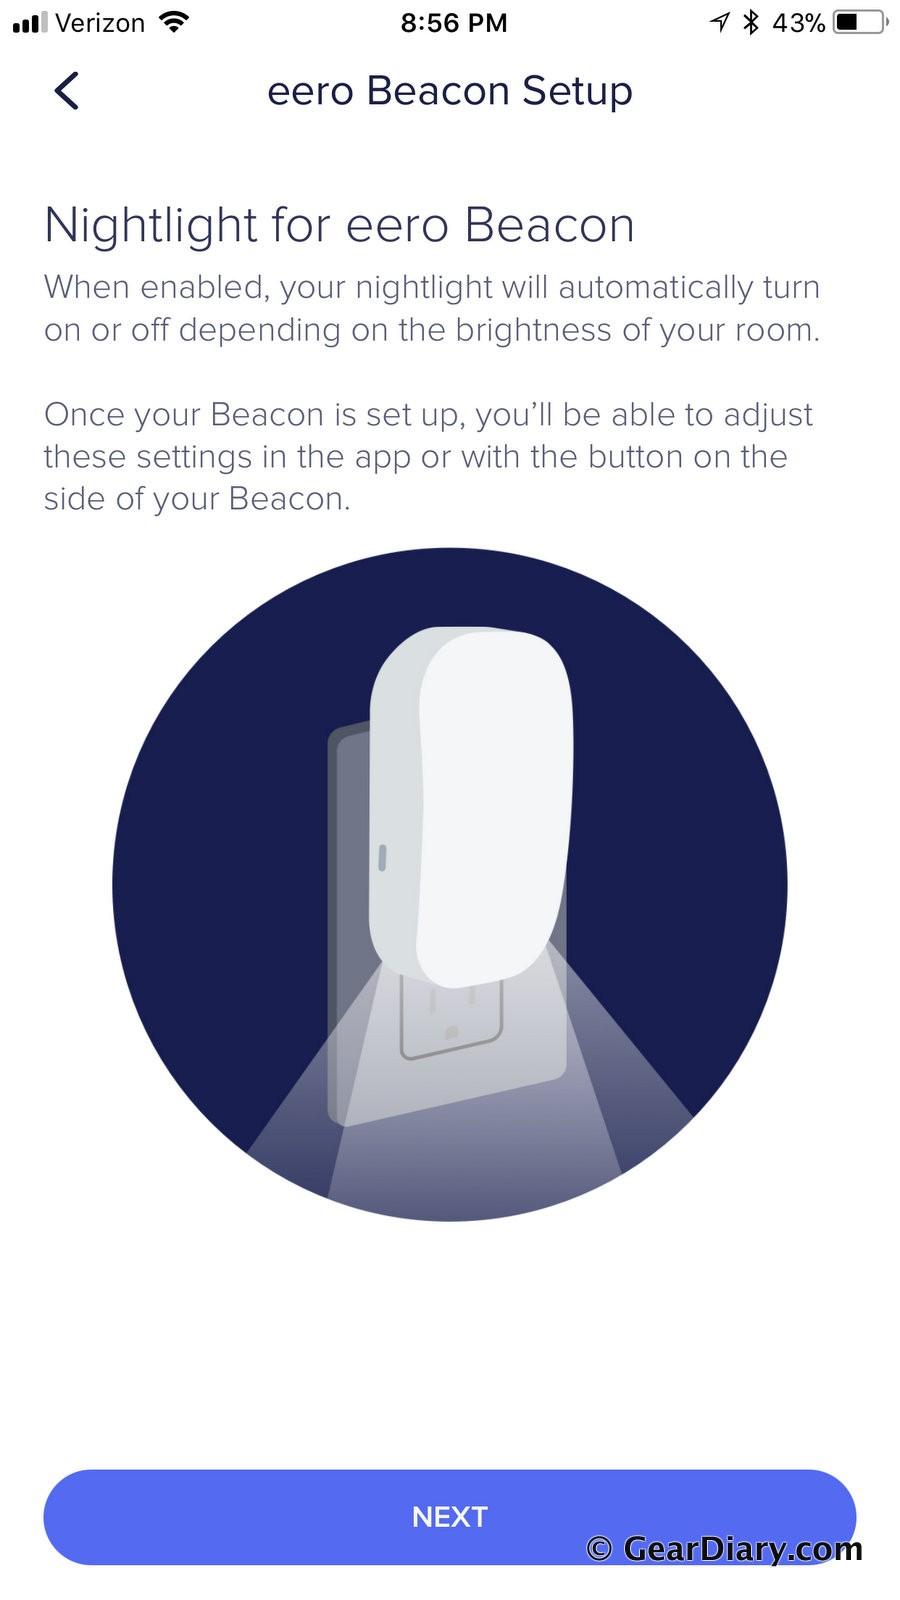 Beacon Setup